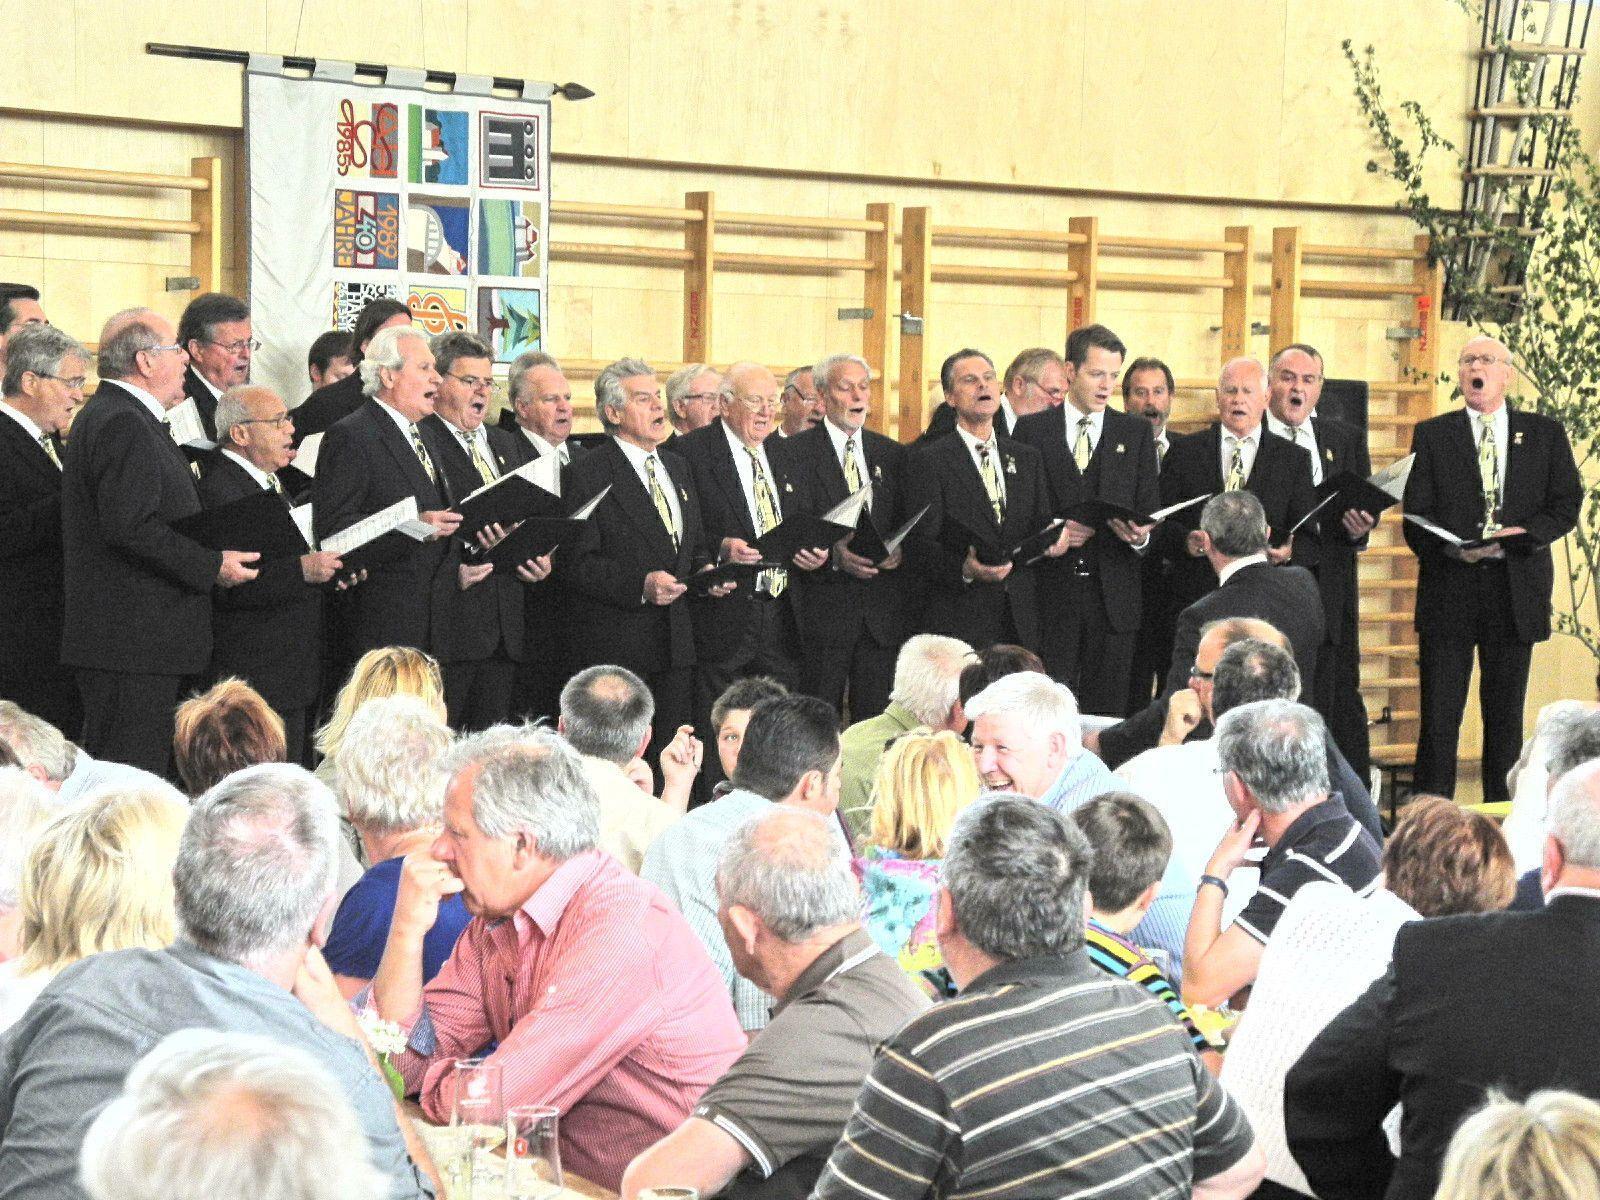 Die Feldkircher Liedertafel konzertierte beim musikalischen Liederhortbrunch